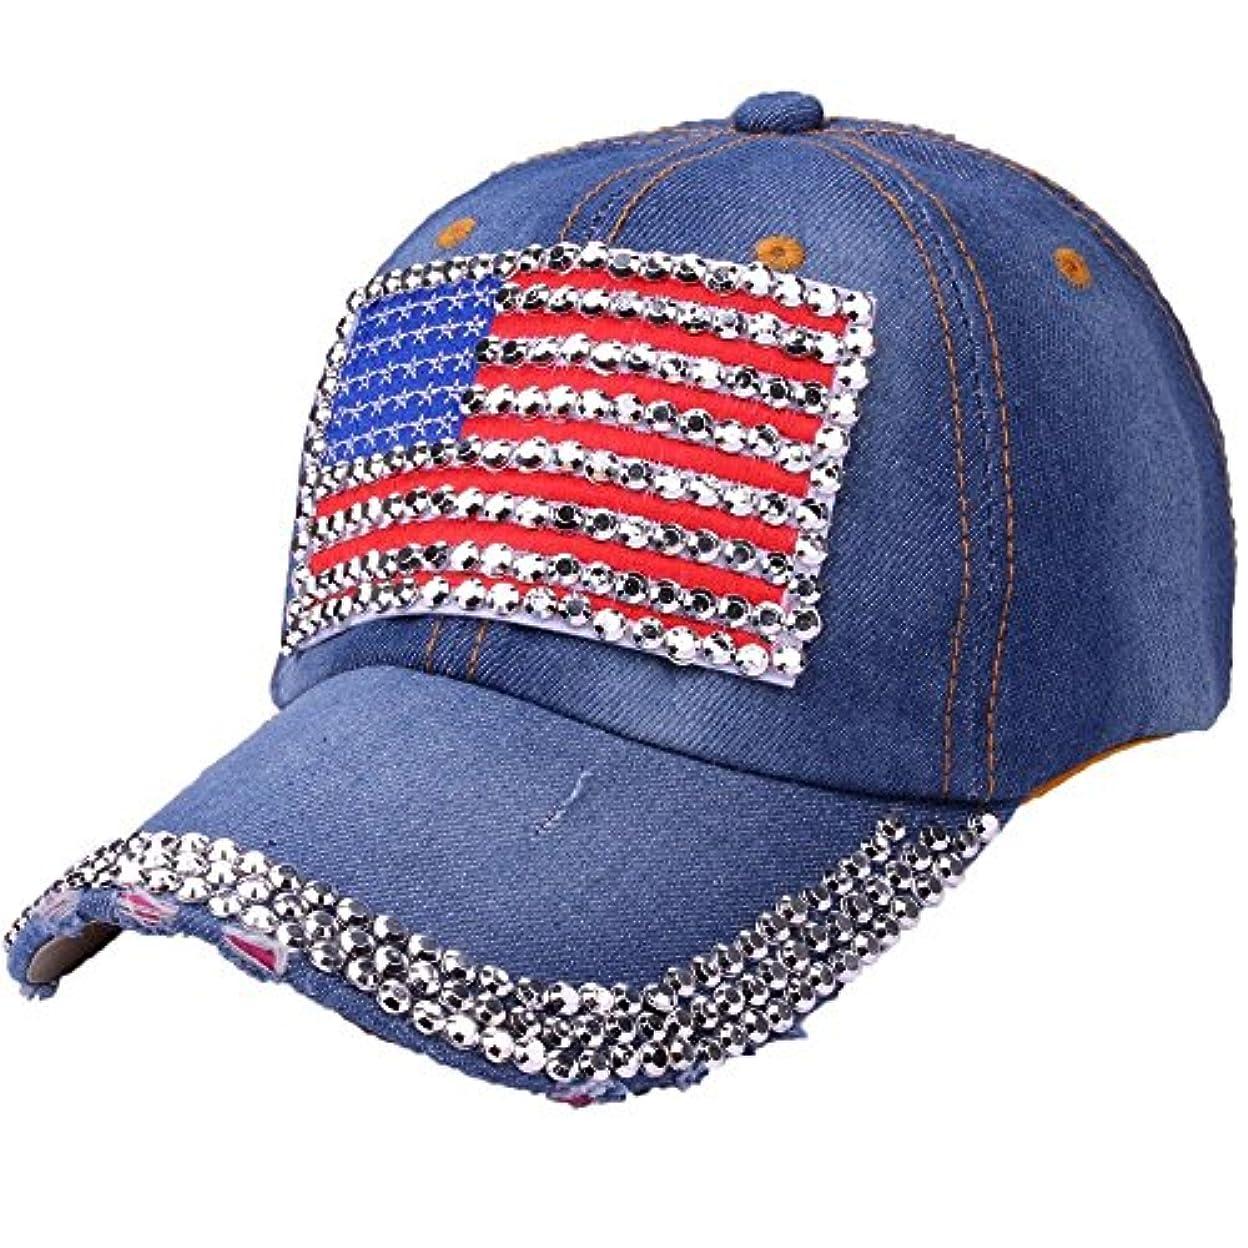 振りかけるオデュッセウス特権Racazing Cap カウボーイ 野球帽 ヒップホップ 通気性のある ラインストーン 帽子 夏 登山 アメリカの旗 可調整可能 棒球帽 男女兼用 UV 帽子 軽量 屋外 ジーンズ Unisex Cap (C)